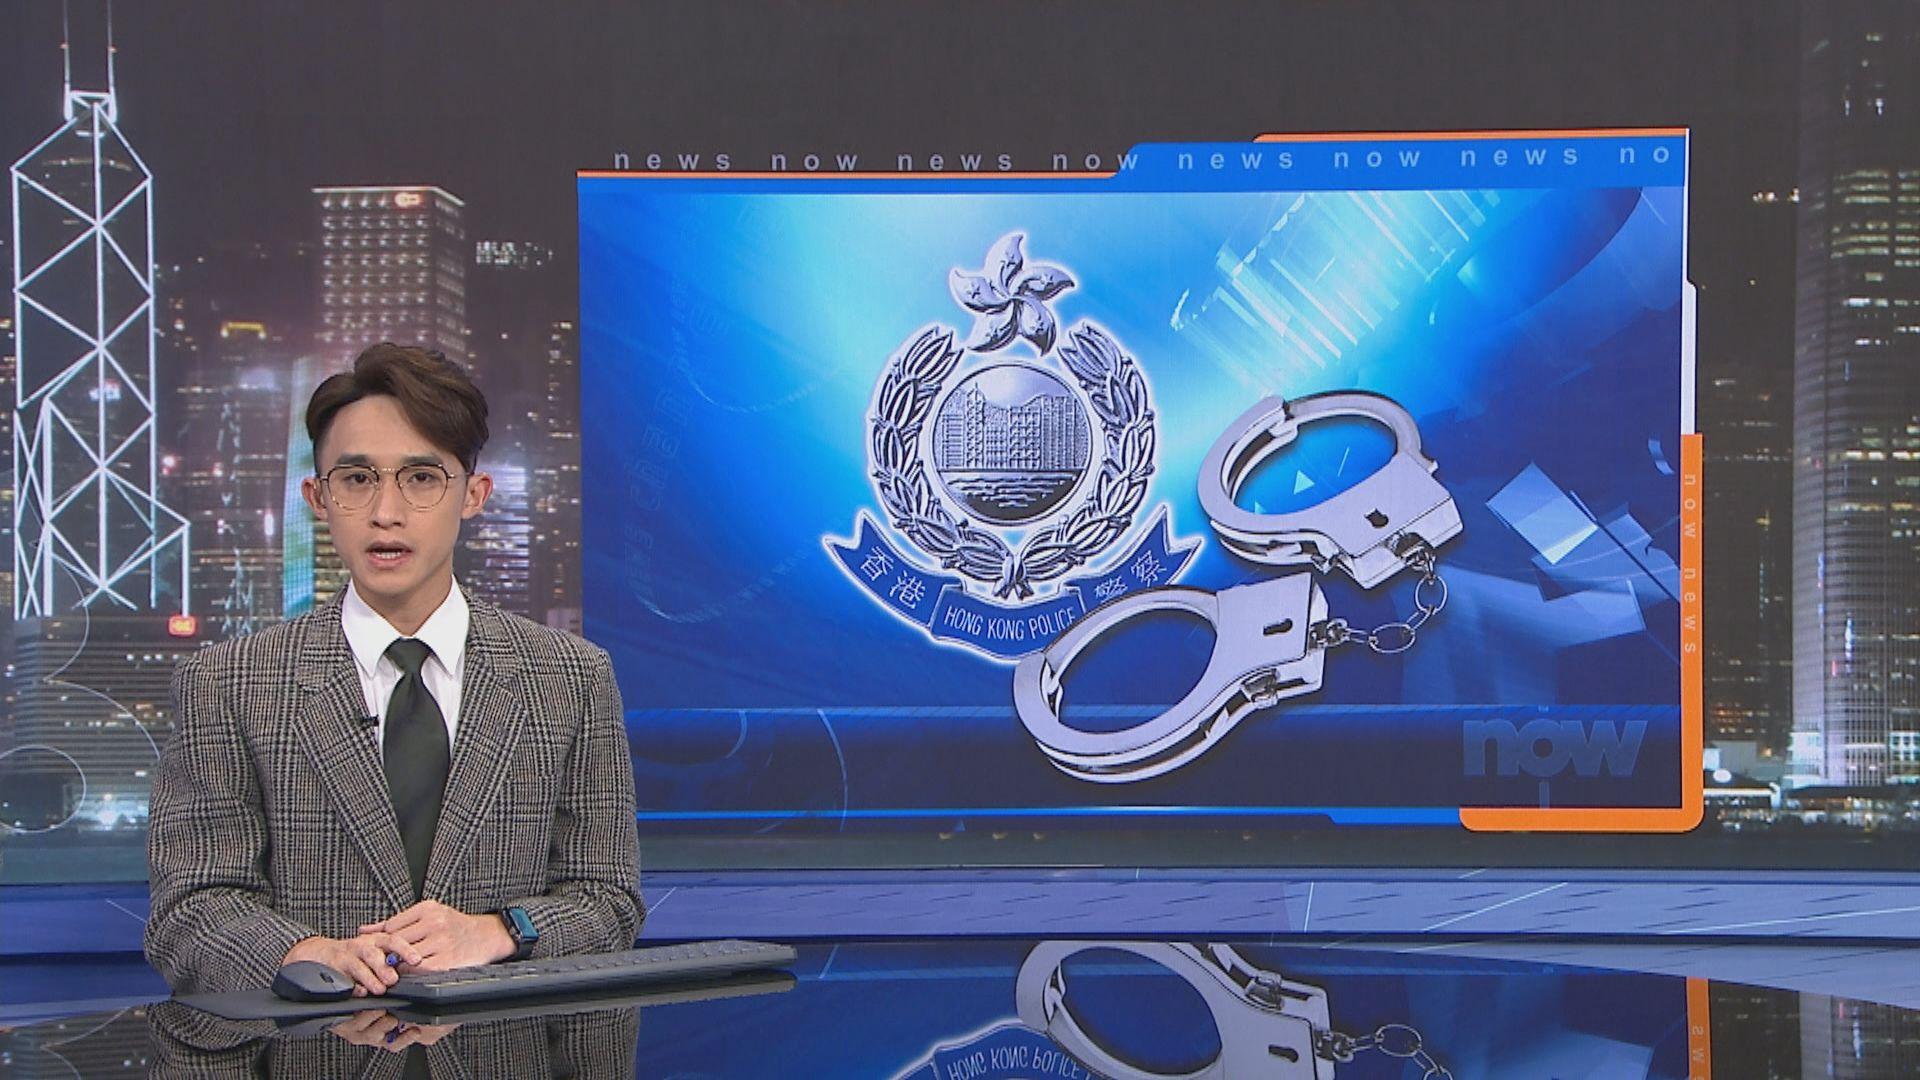 警方拘捕21人及通緝1人 涉嫌參與暴動等罪名